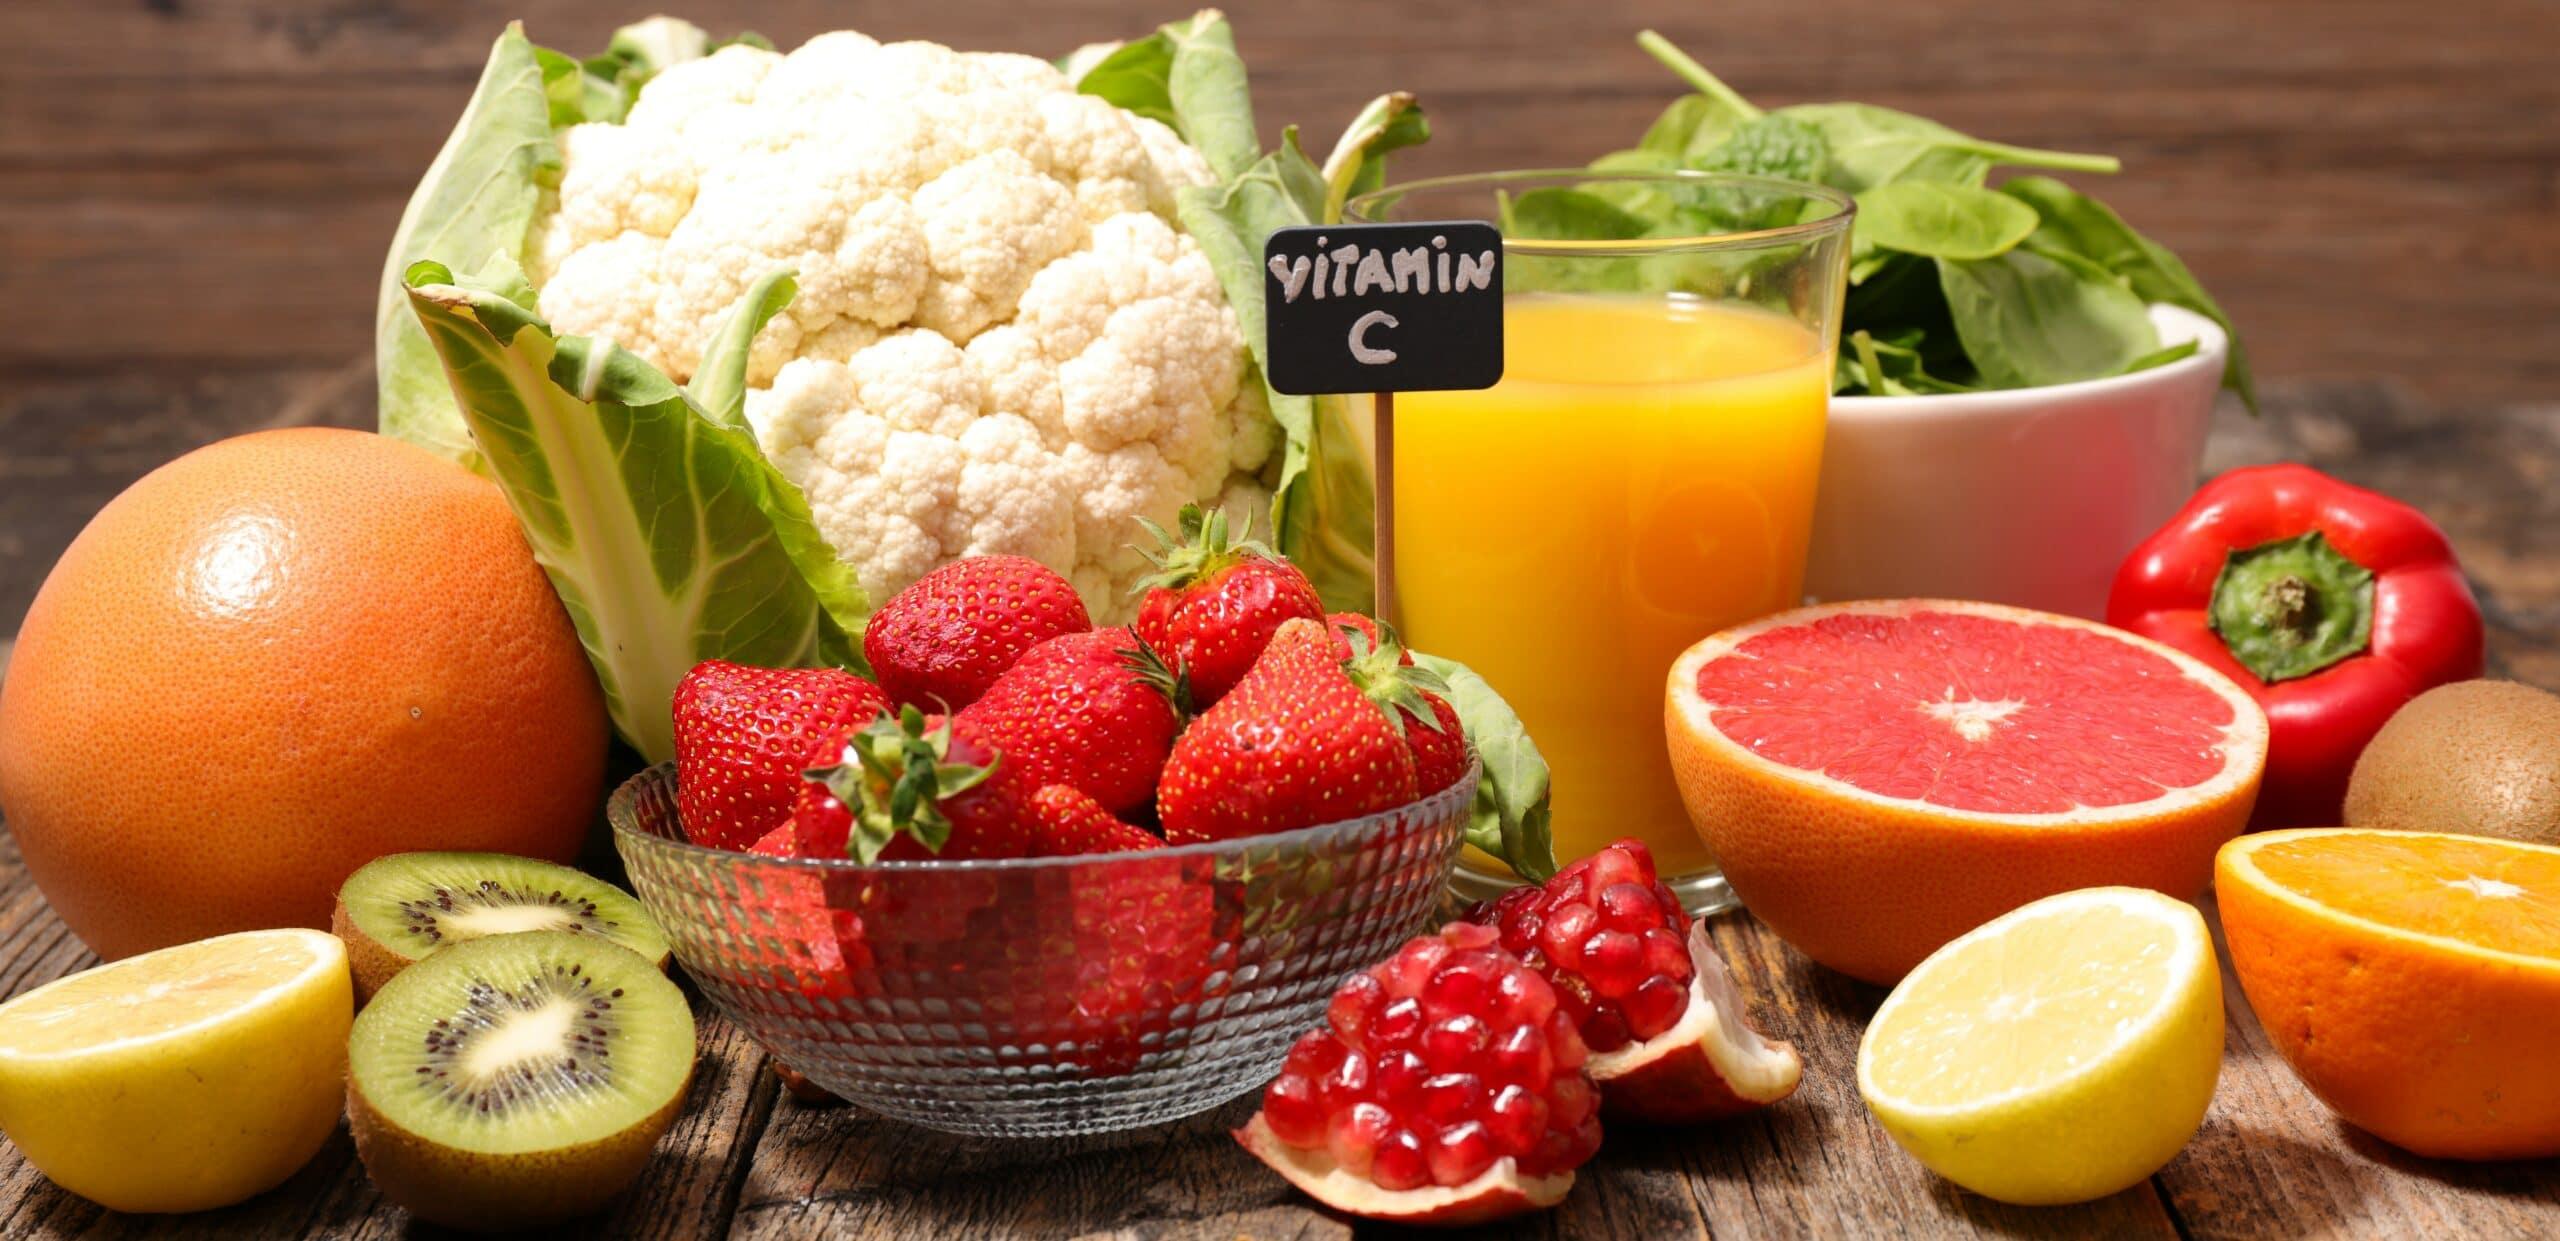 vitamina c alimenti nella dieta